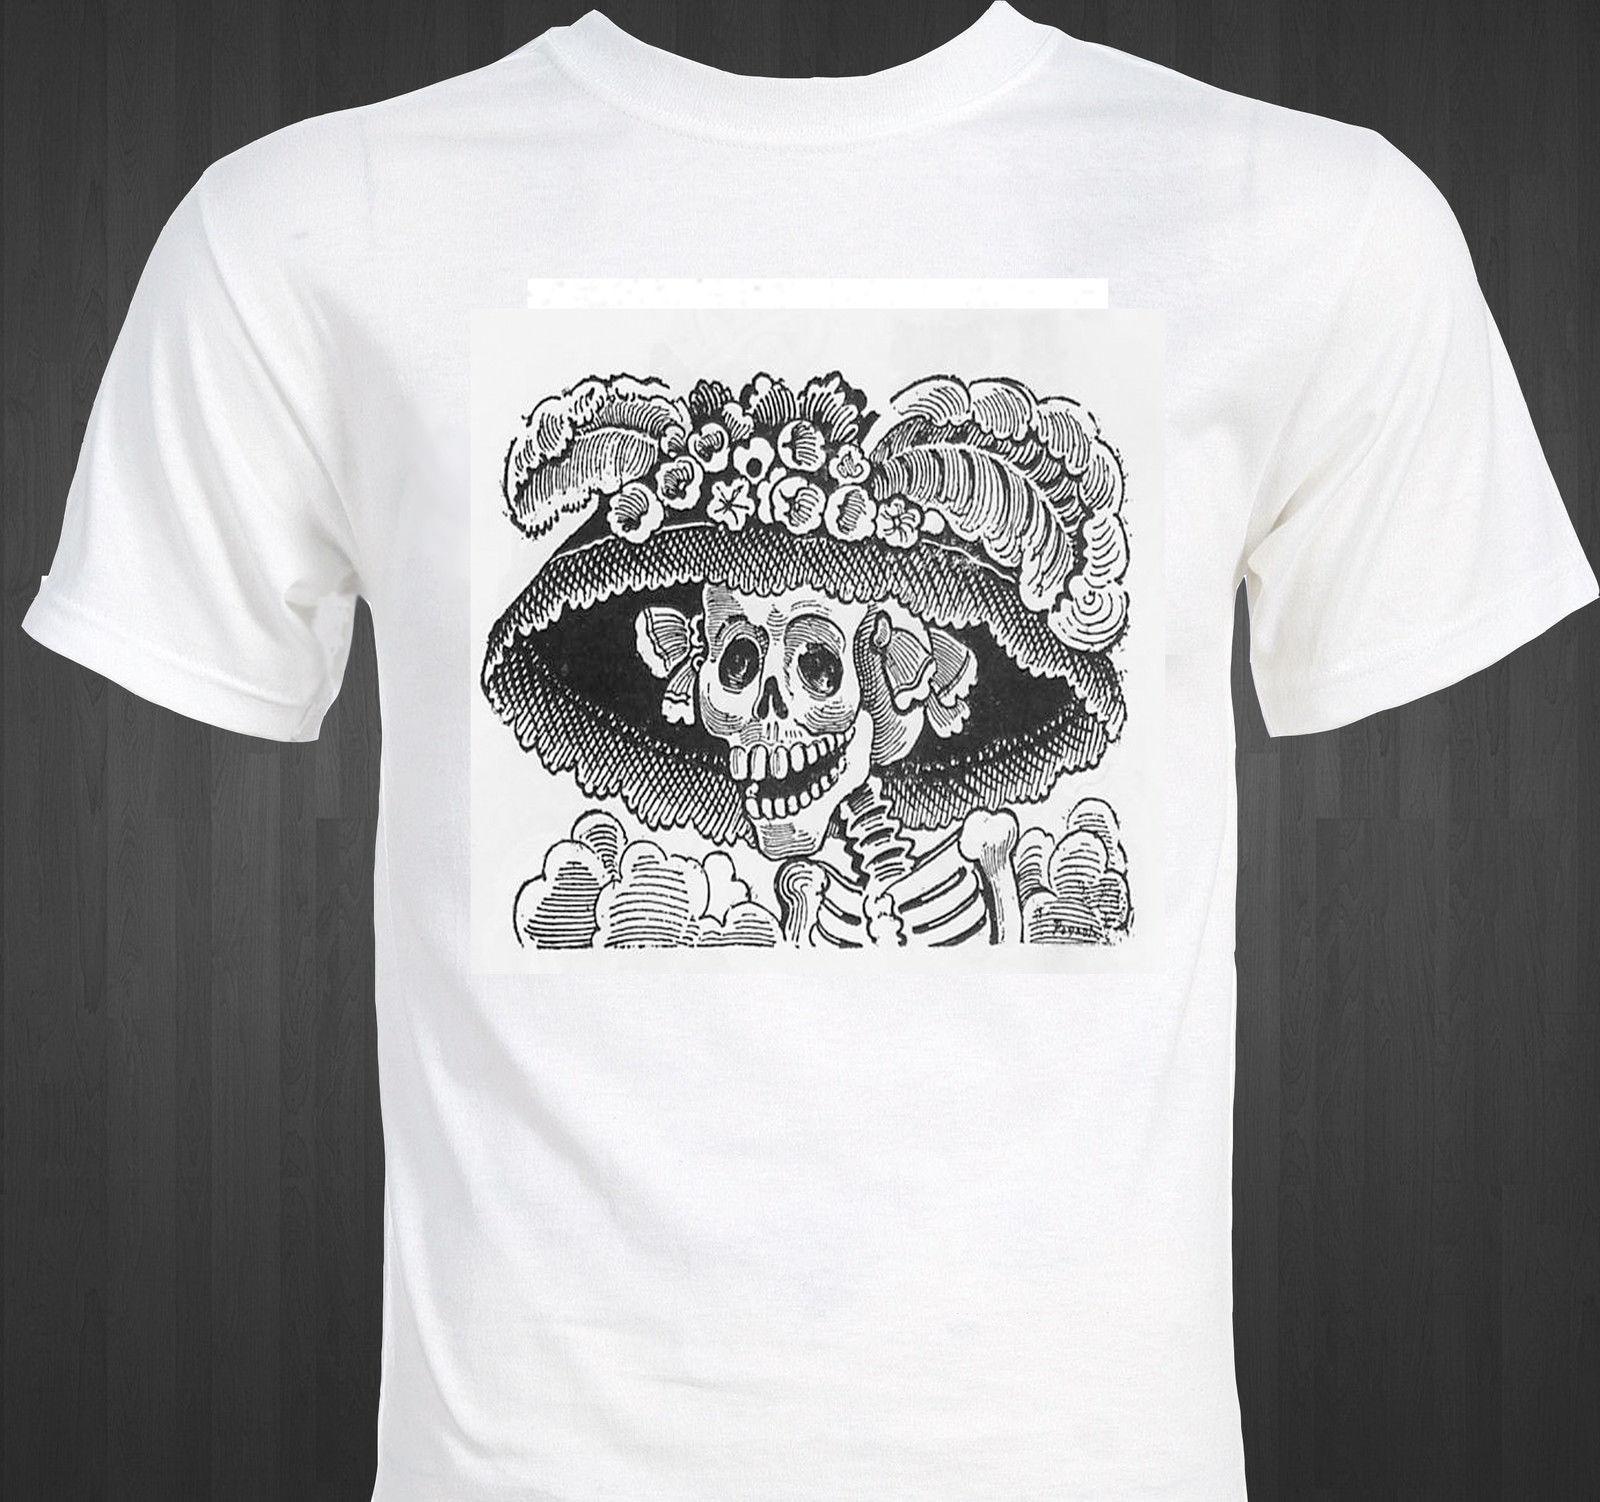 Esqueleto Posada Pride Nuevo La Guadalupe Camiseta Calavera Jose Cool Casual Raro Unisex Mexicano Catrina Hombre H2WEDI9